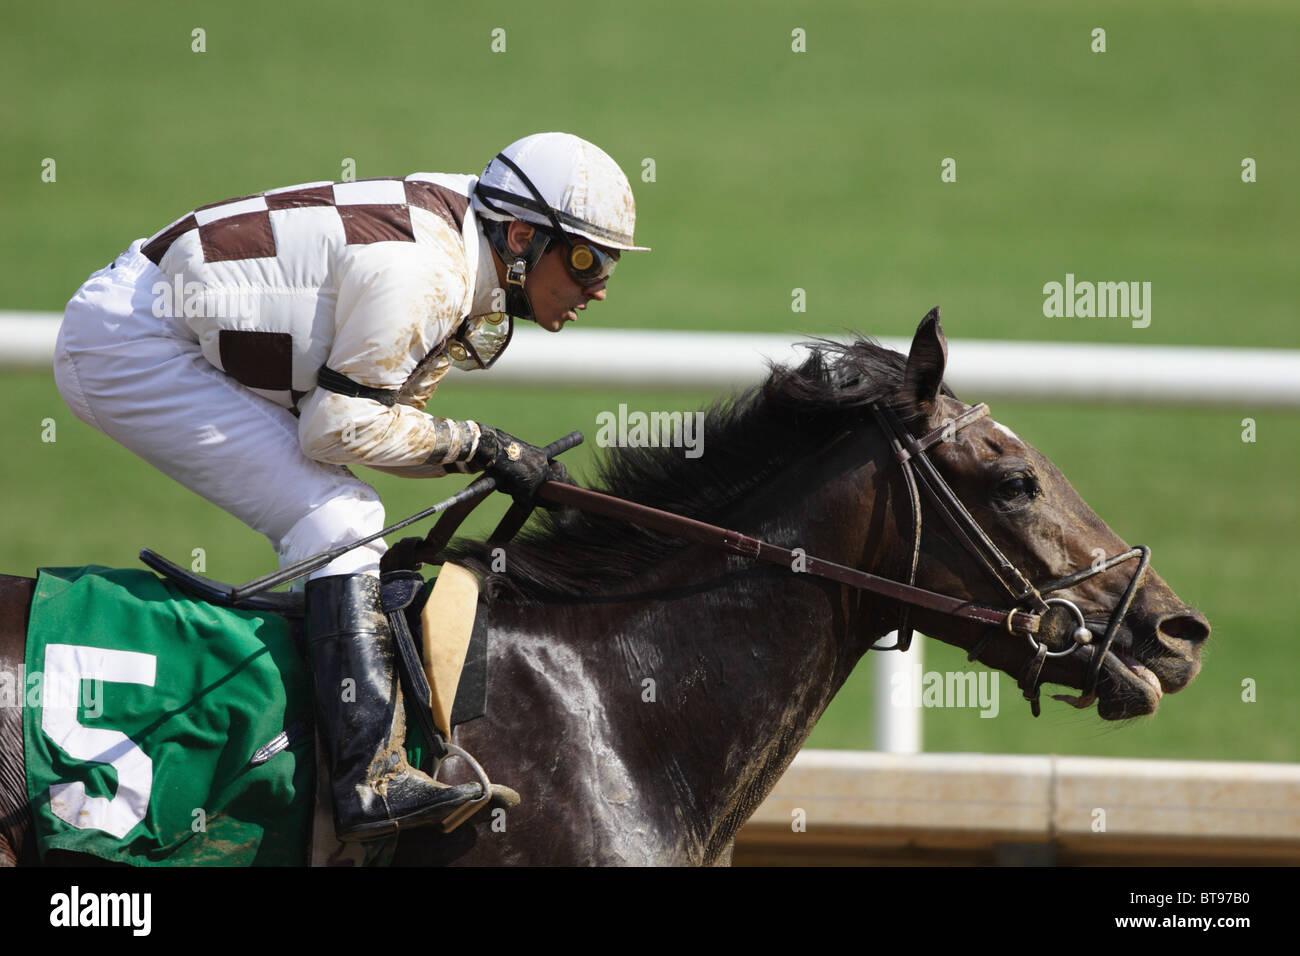 Jockey ganando la Raza en Colonial Downs Racetrack en New Kent County, Virginia. En julio de 2010 Imagen De Stock